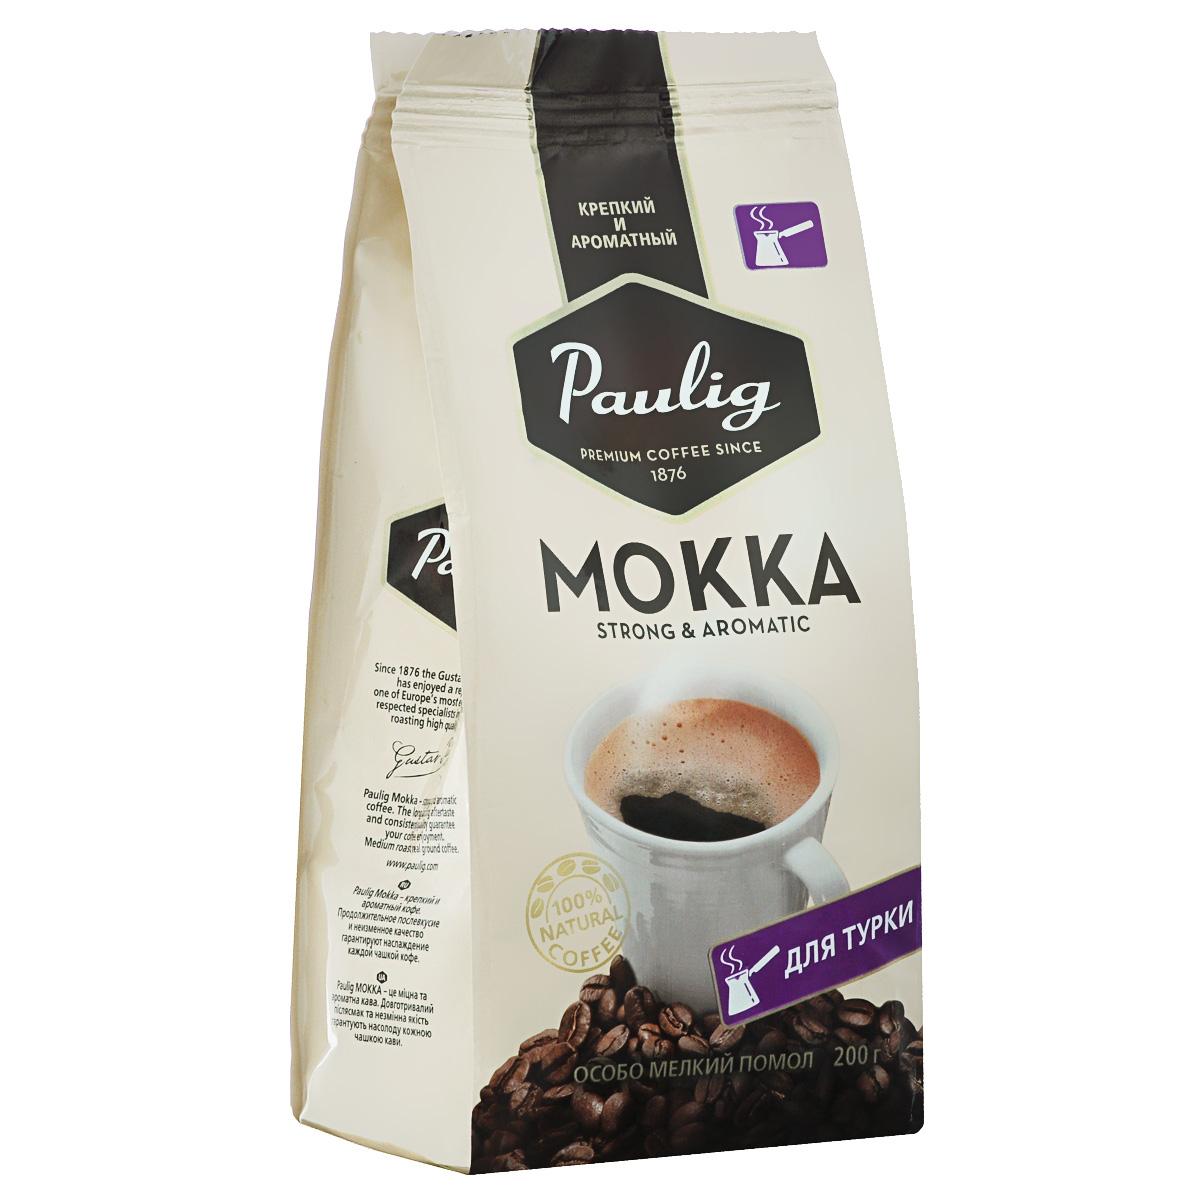 Paulig Mokka кофе молотый для турки, 200 г16668Крепкий и ароматный кофе, разработанный с учетом предпочтений российского потребителя. Крепкий кофе на каждый день, с выраженным бодрящим эффектом.